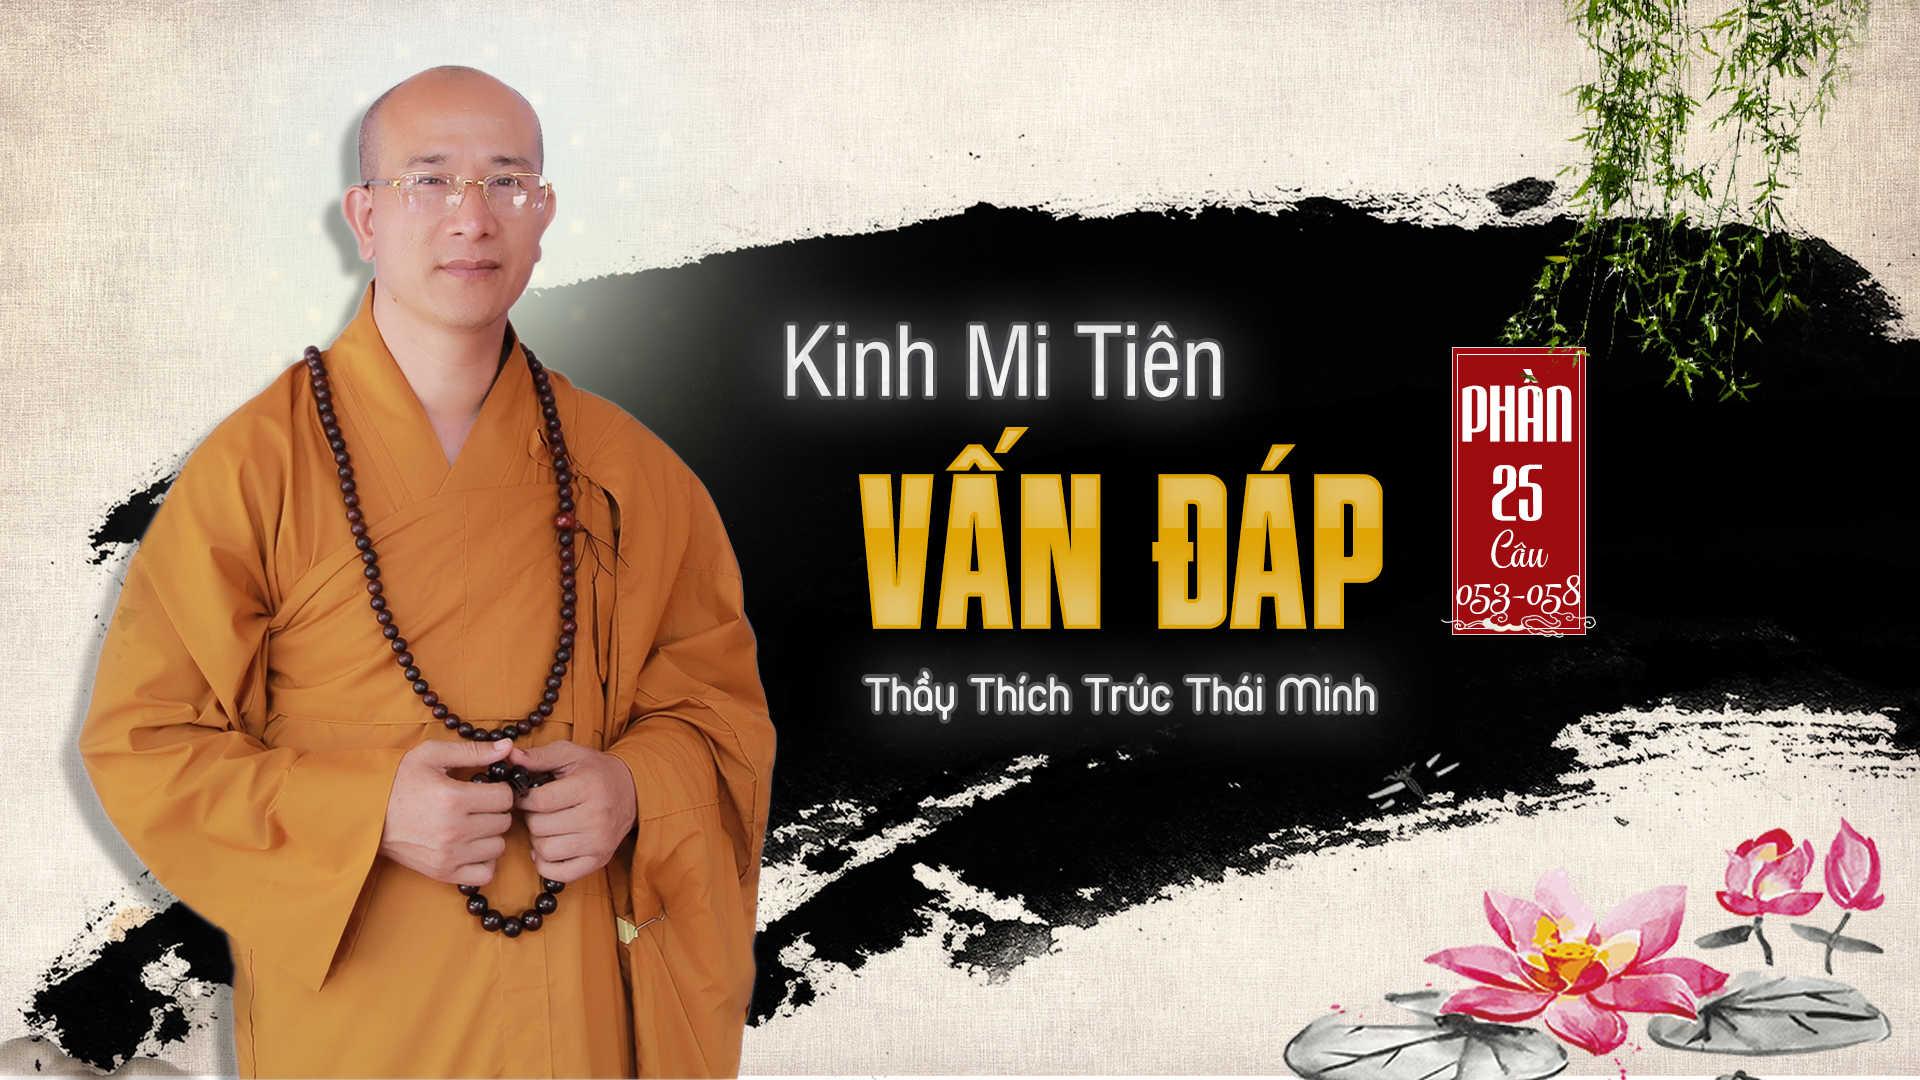 Kinh mi tiên vấn đáp phần 25 Thầy Thích Trúc Thái Minh chùa Ba Vàng.